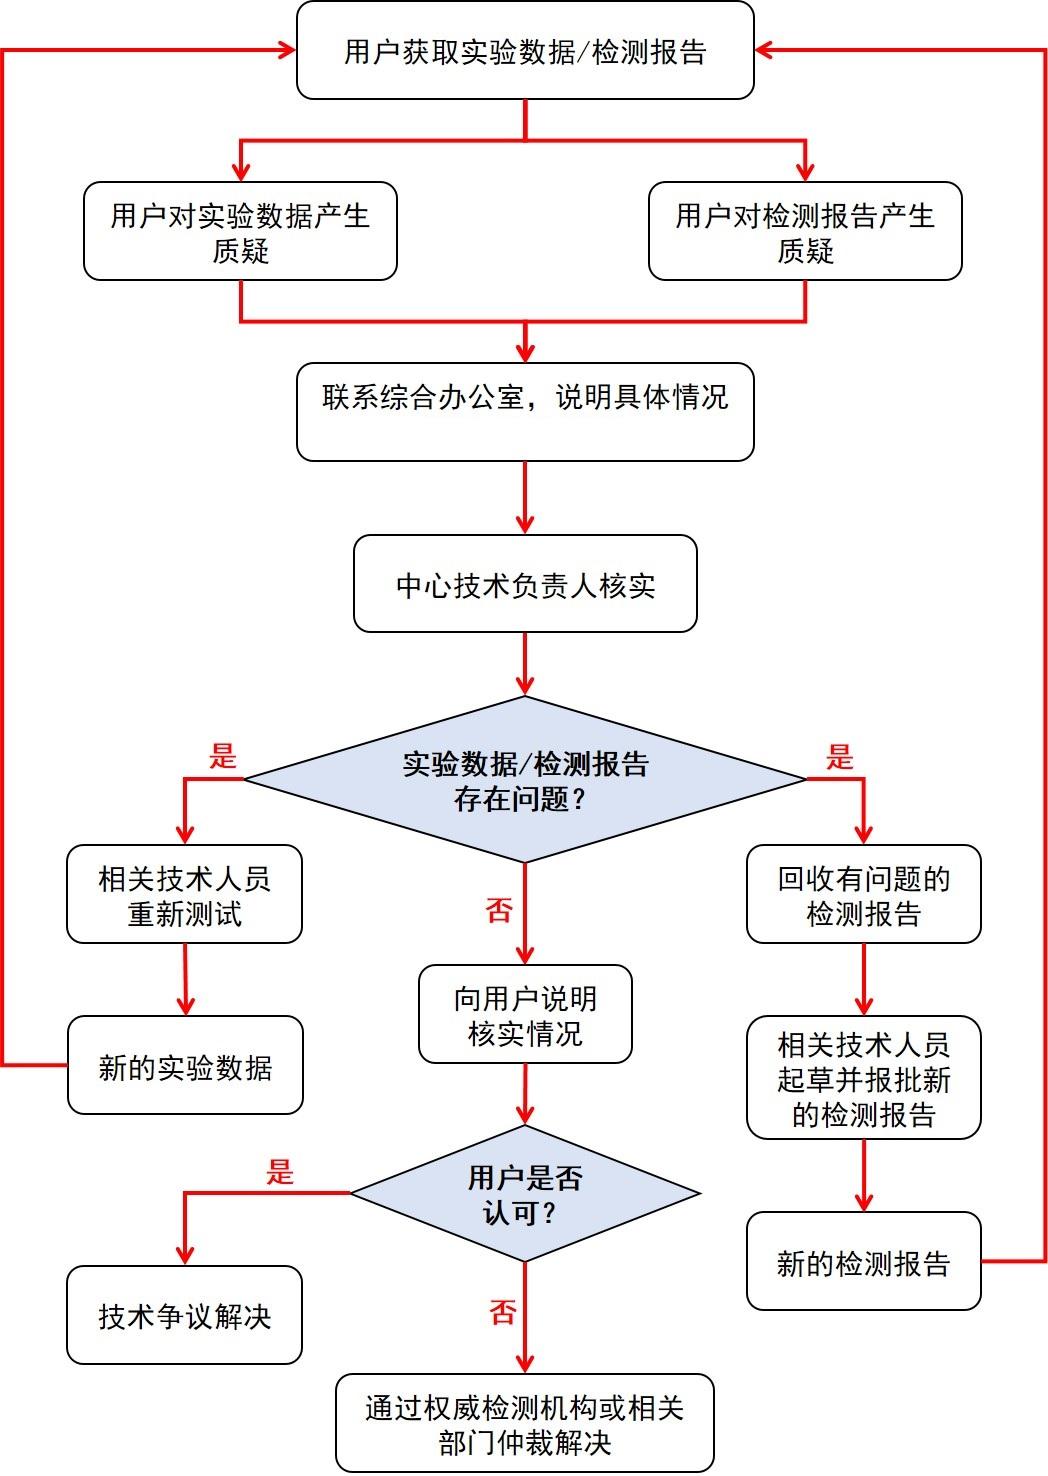 技术争议申诉流程.jpg